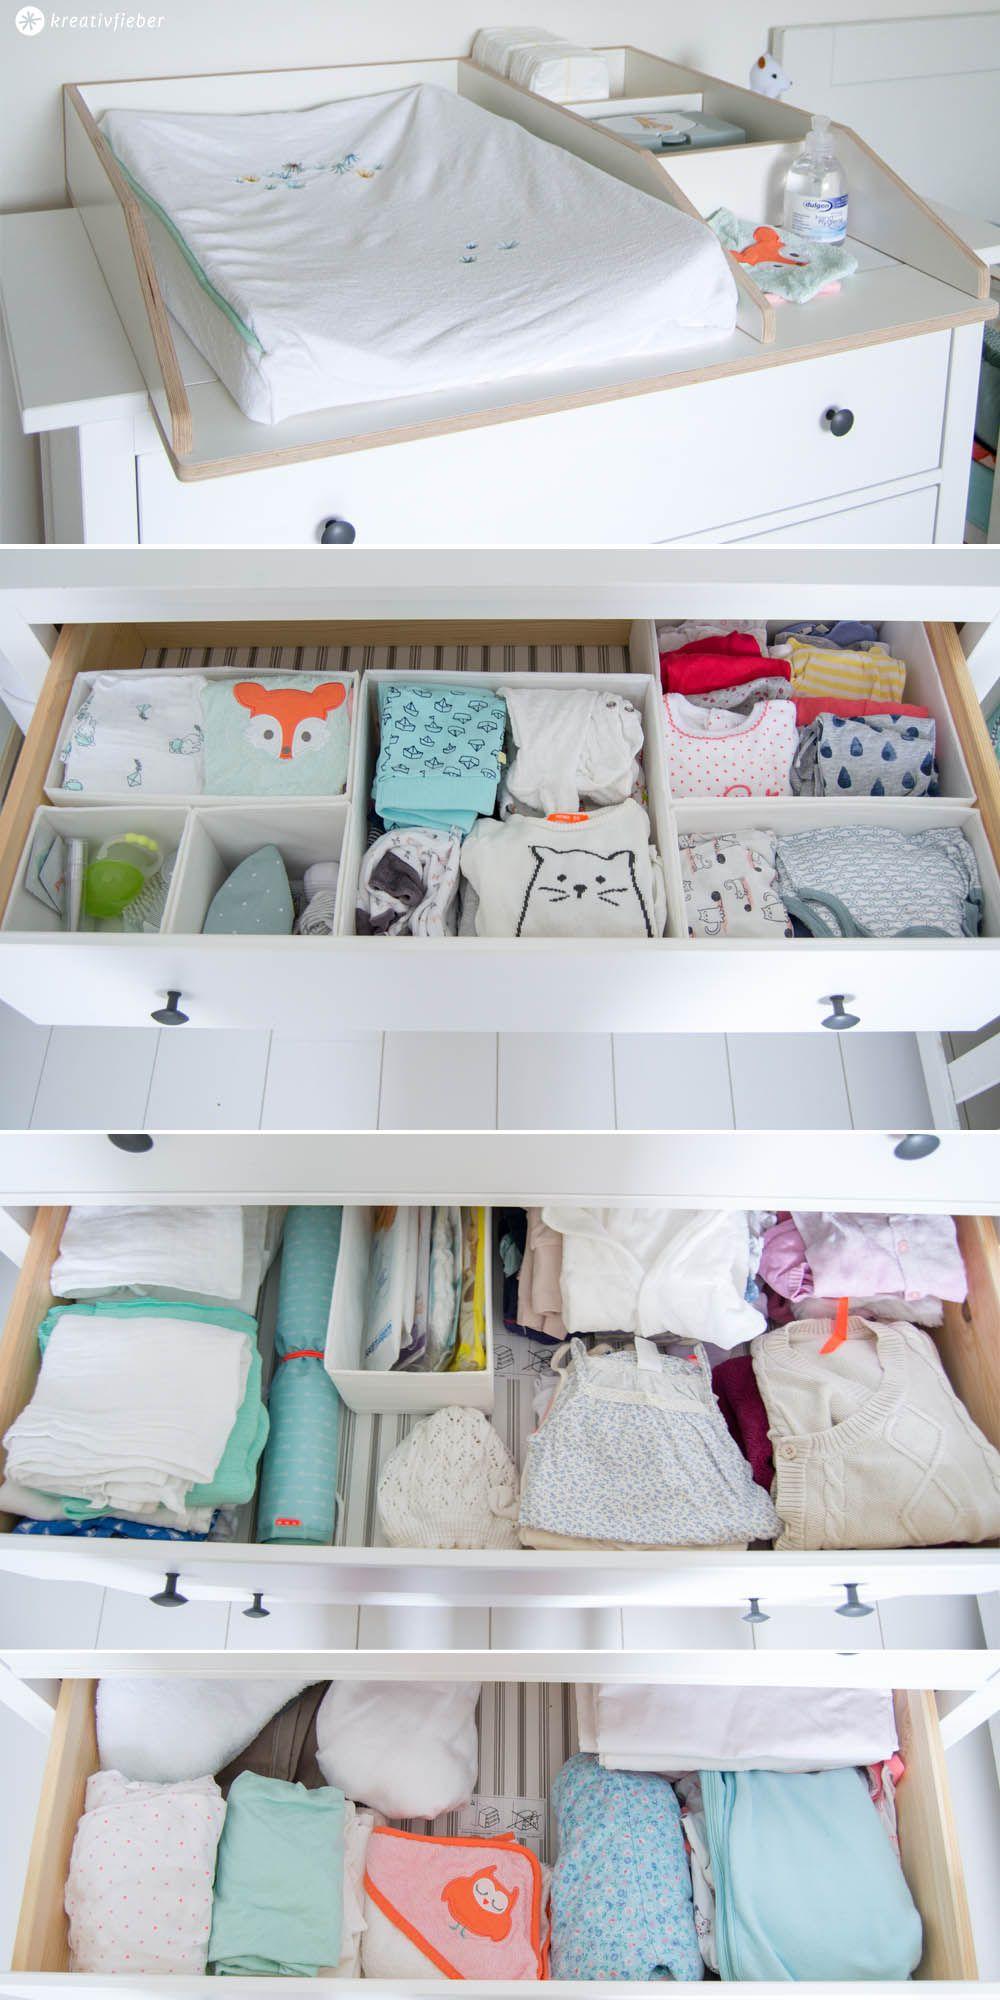 Maikes haustour multifunktionales babyzimmer einrichten for Baby kinderzimmer einrichten